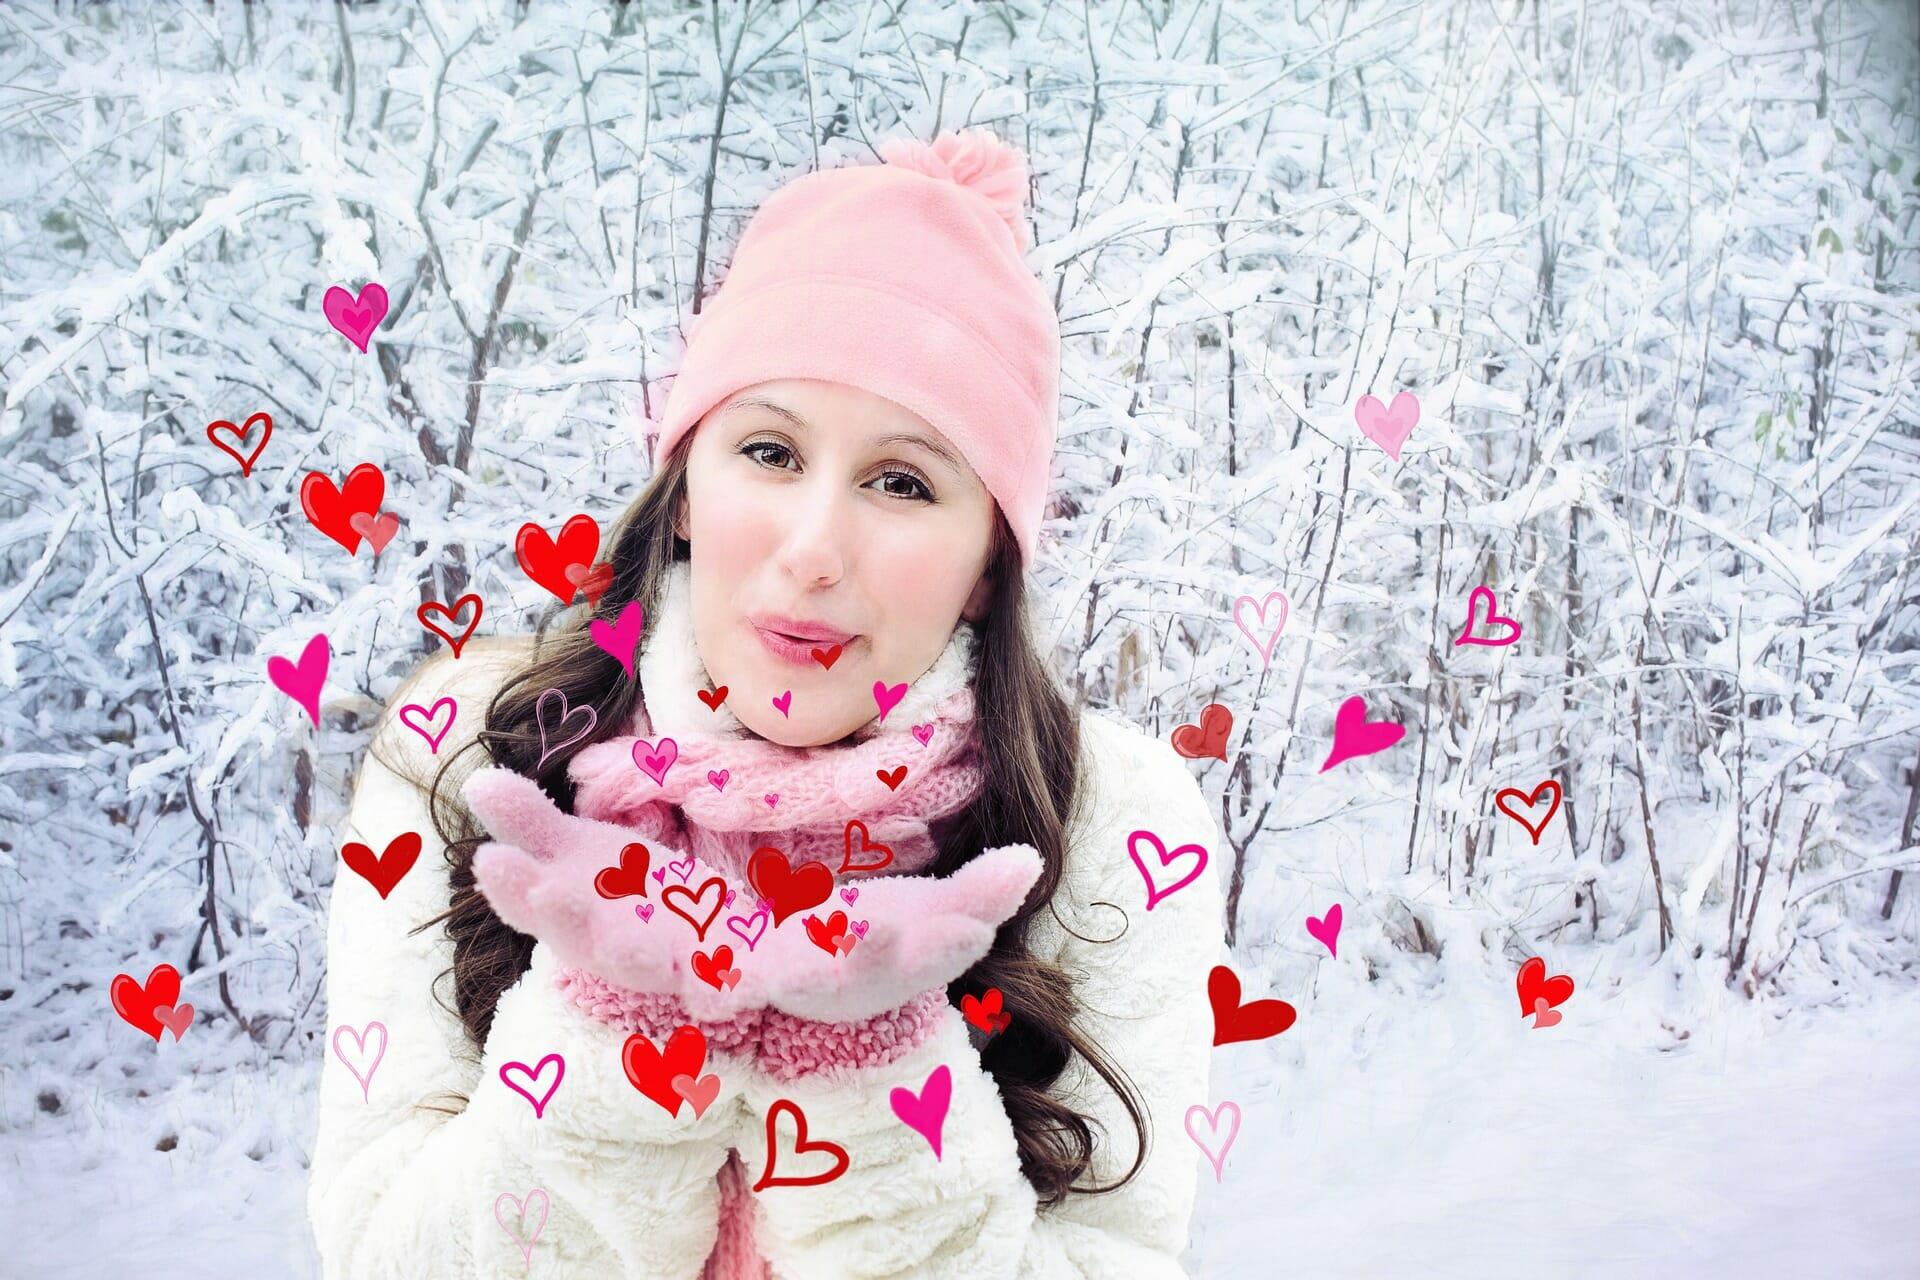 pussar valentines vinter